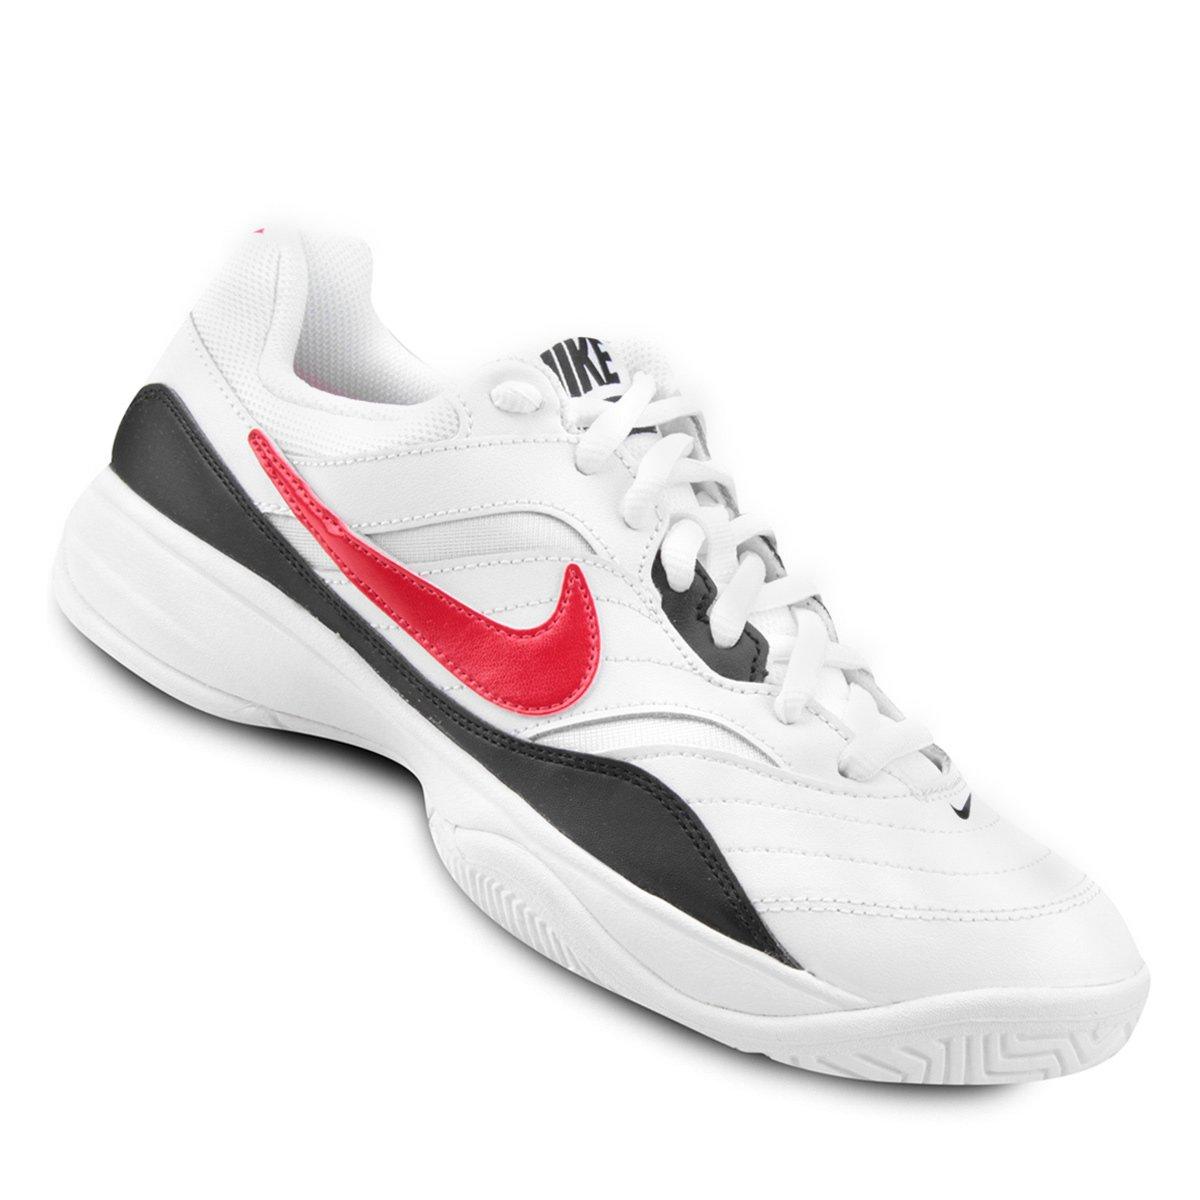 e7de777c4e Tênis Nike Court Lite Masculino - Gelo e Vermelho - Compre Agora ...